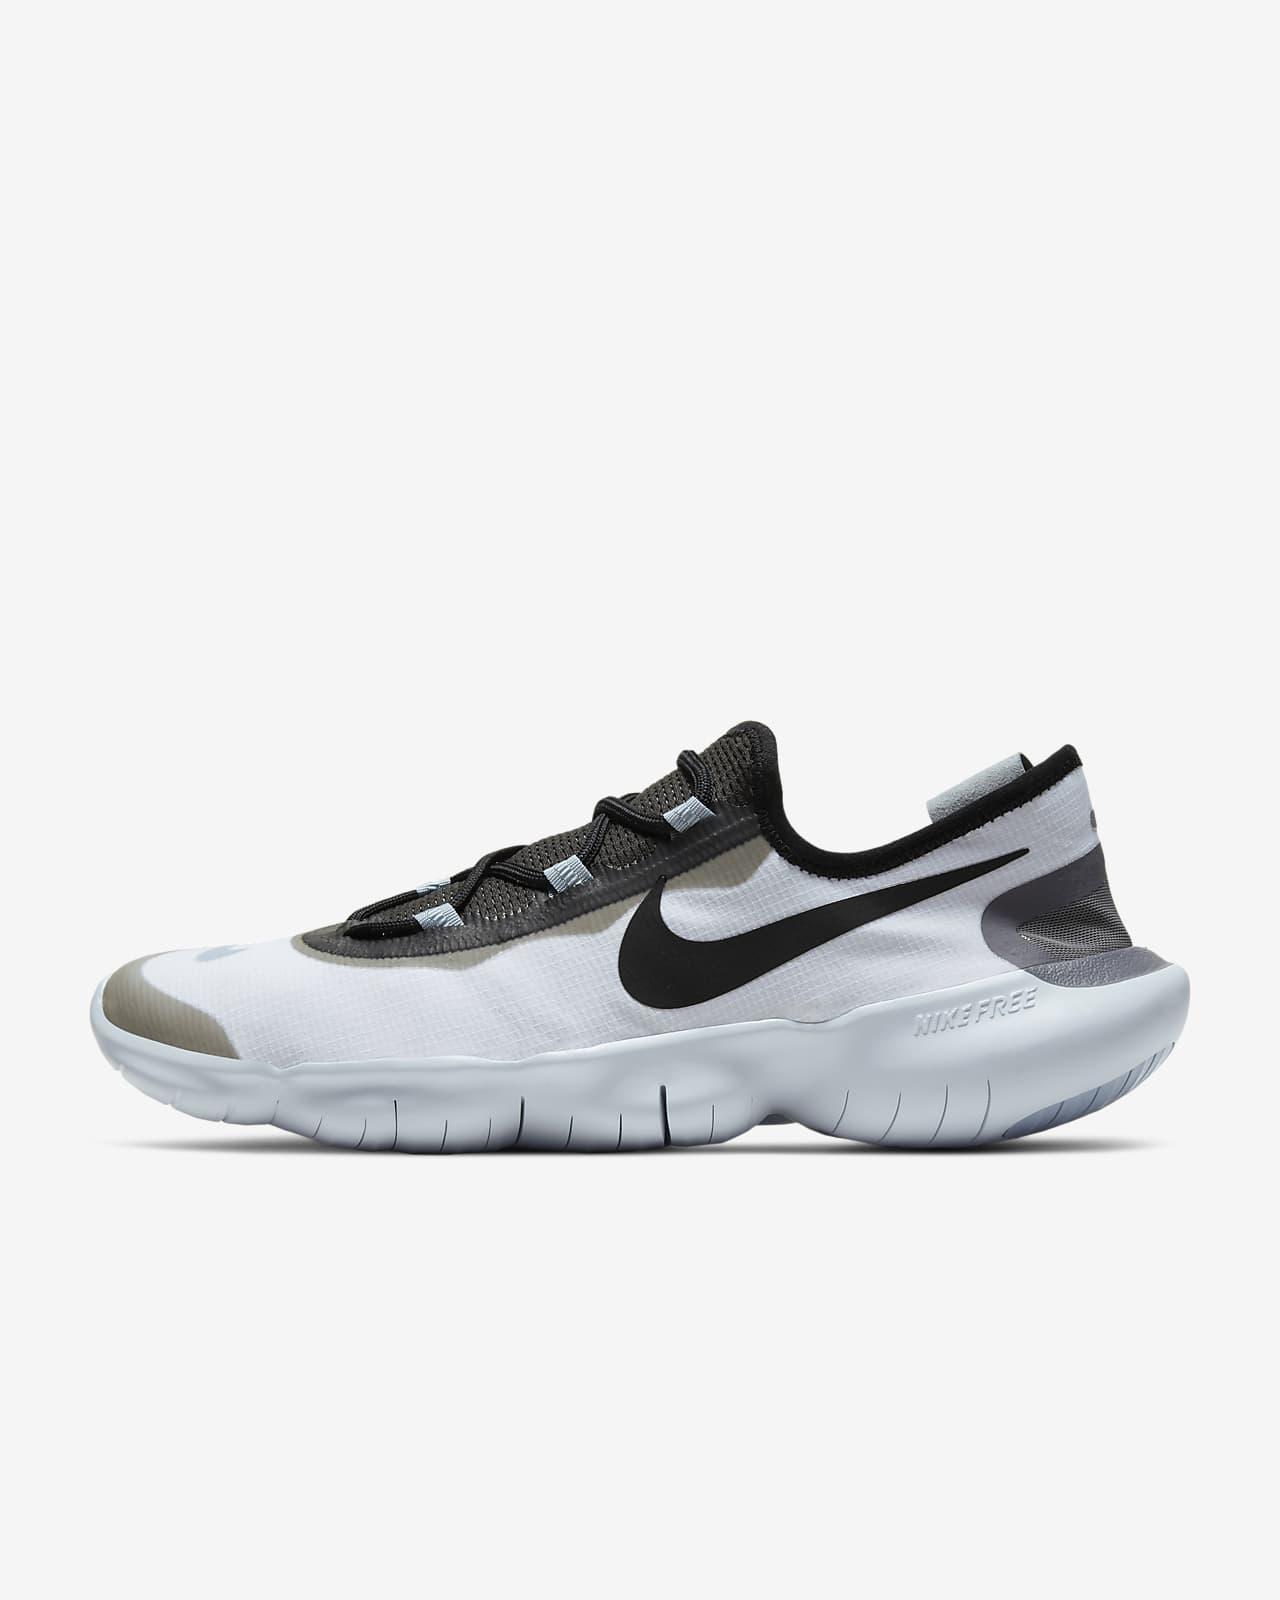 Nike Free RN 5.0 2020 Hardloopschoen voor heren